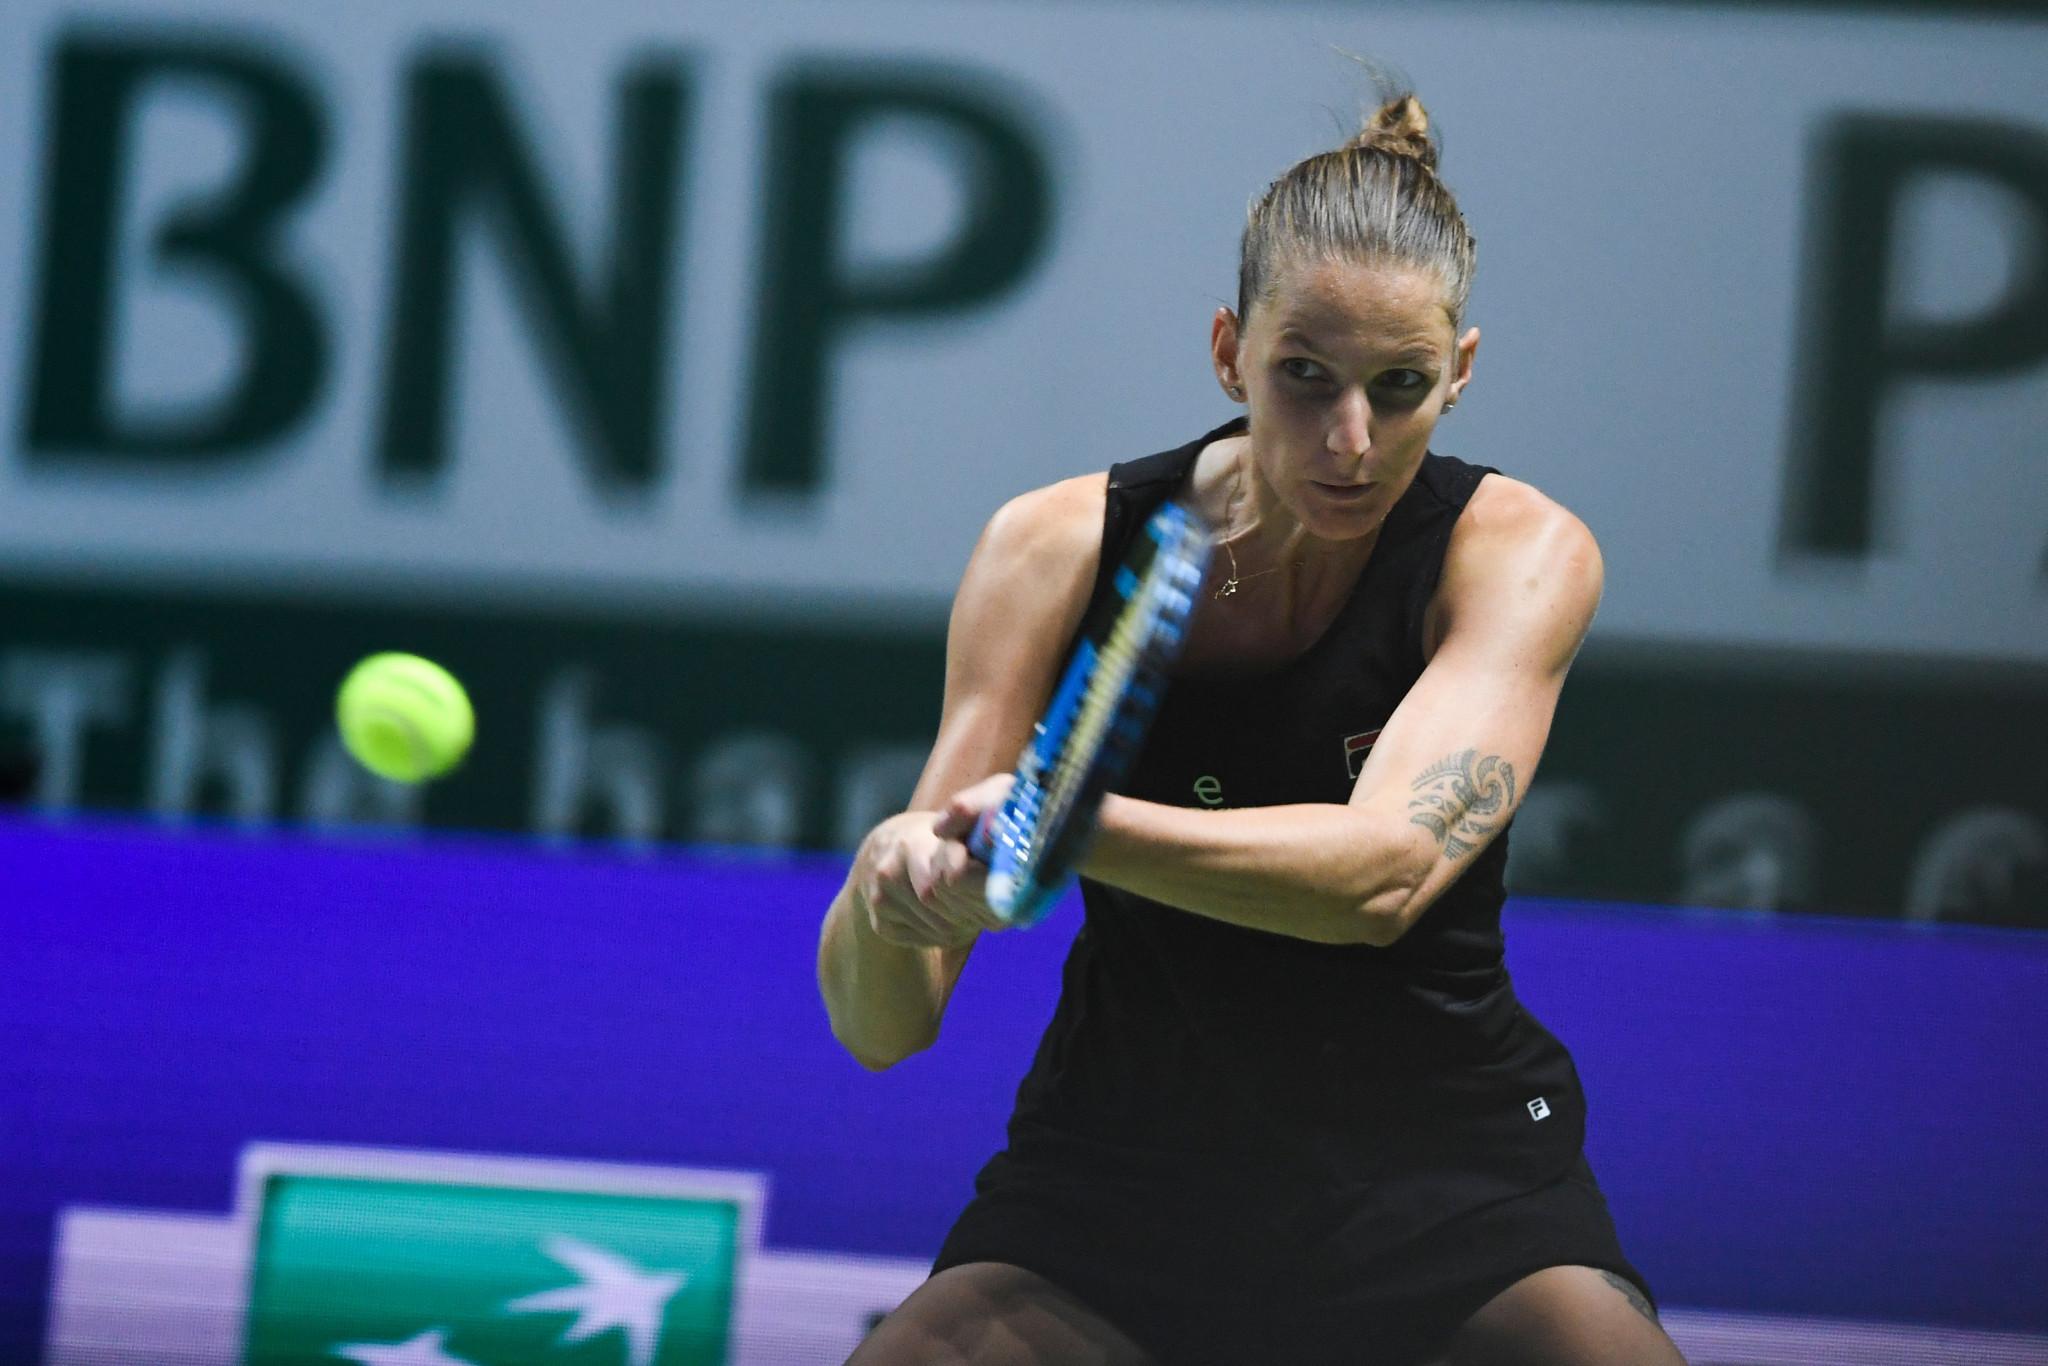 Karolína Plíšková progressed to the semi-finals with victory over Czech compatriot Petra Kvitová ©Getty Images